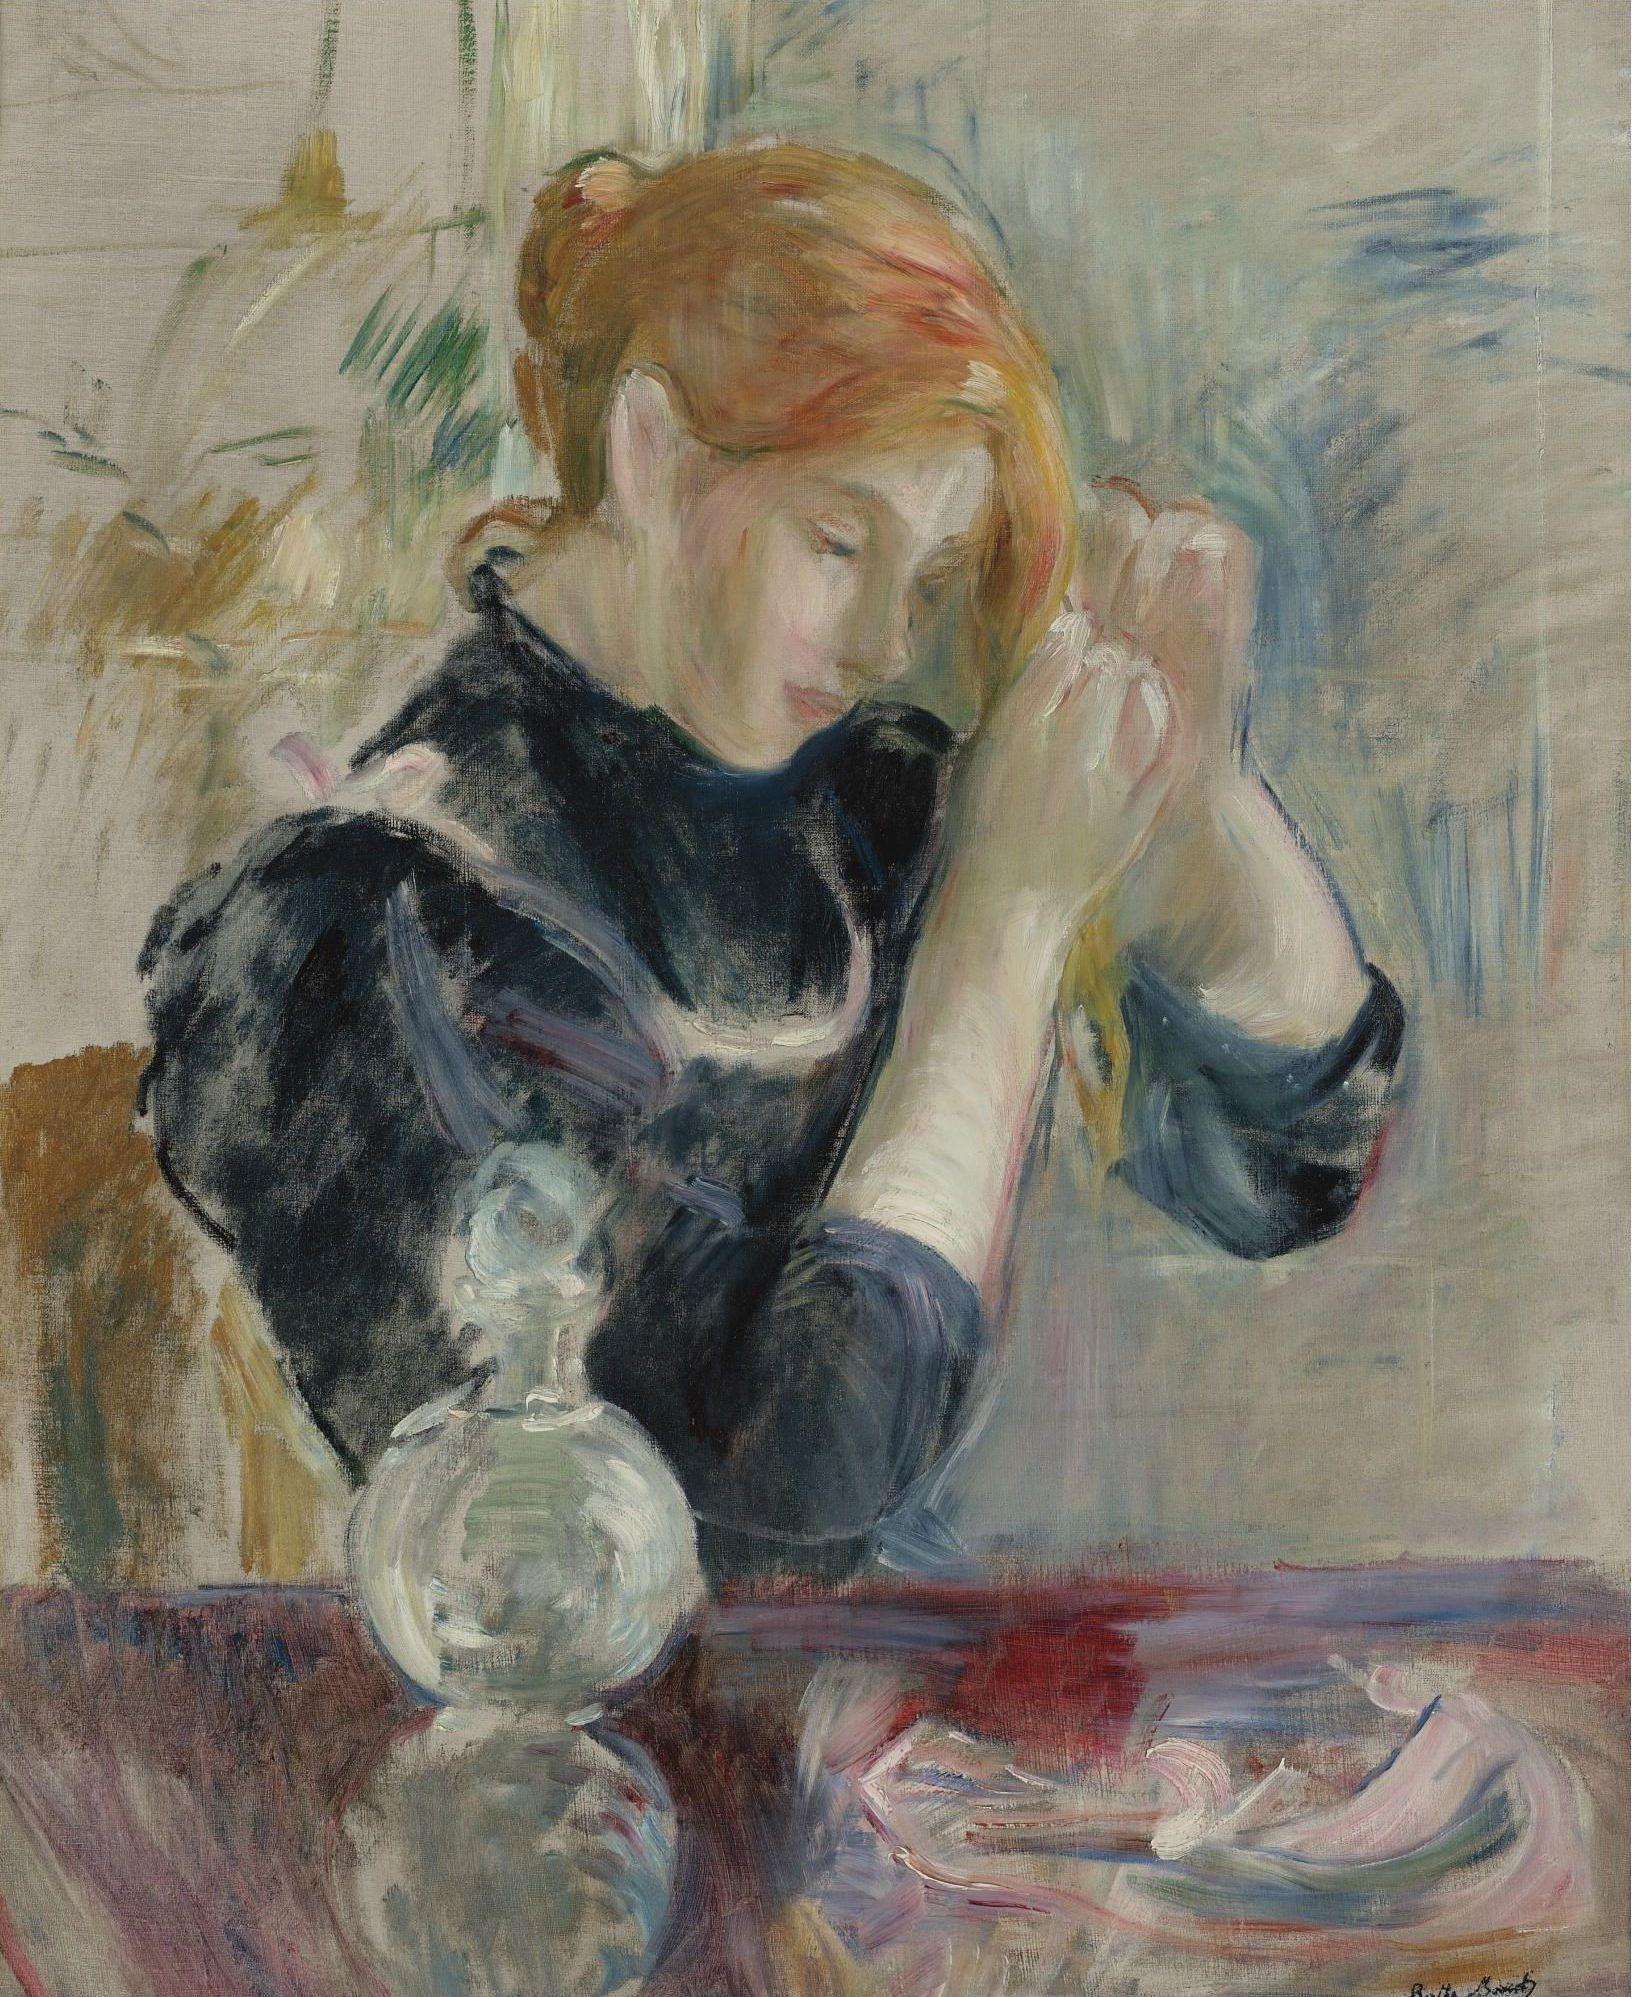 Berthe Morisot - By the Toilette | Berthe morisot, Morisot, Art